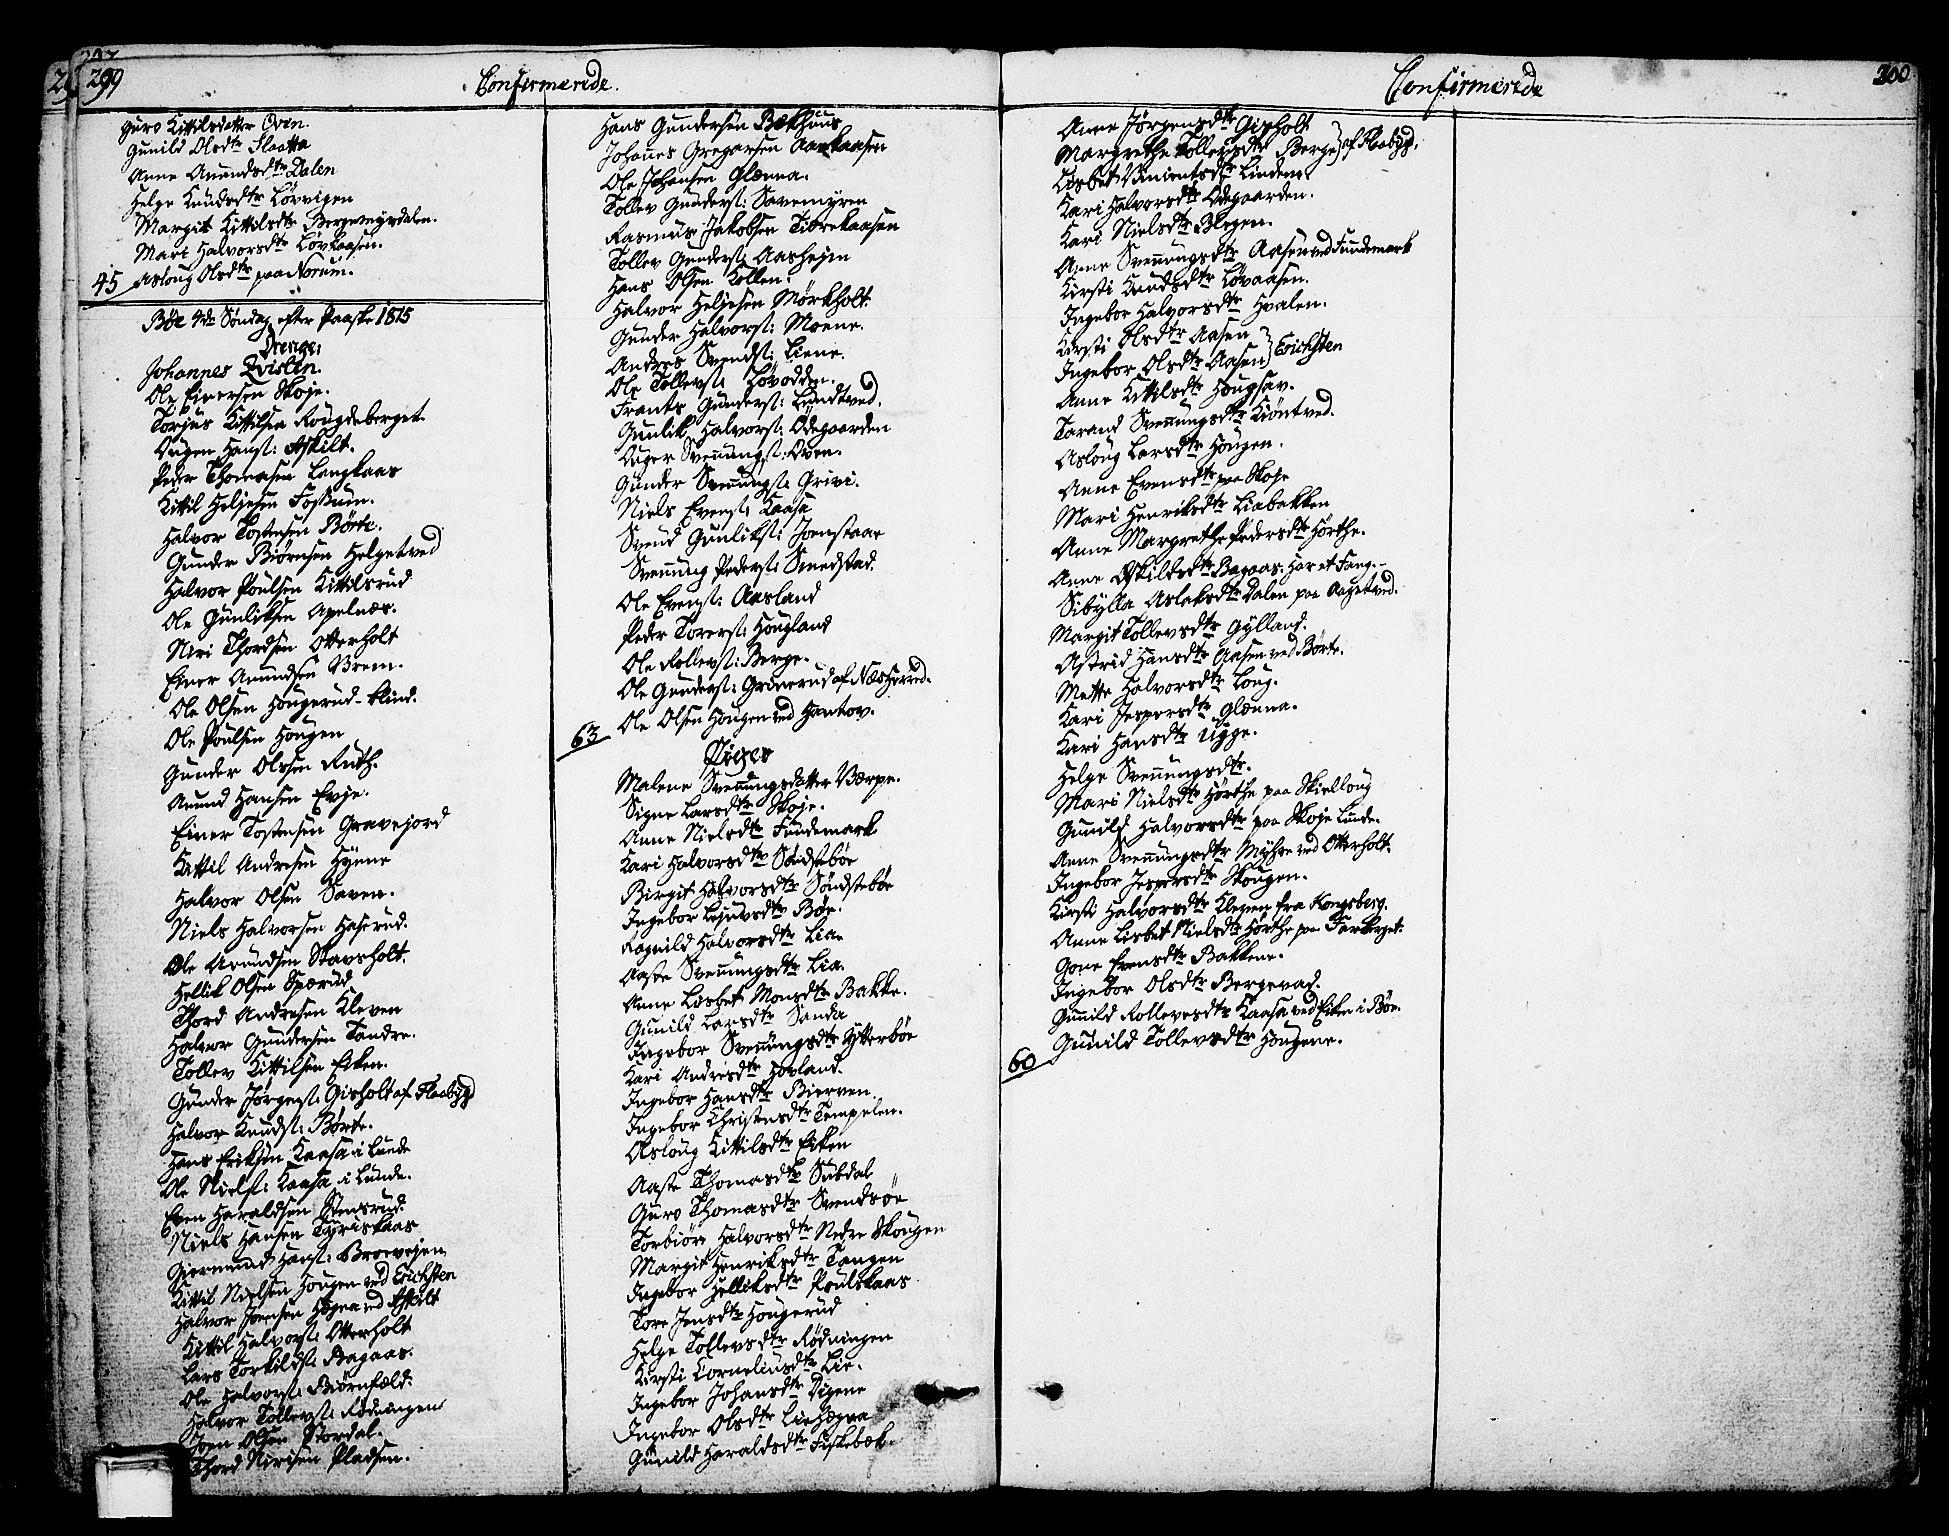 SAKO, Bø kirkebøker, F/Fa/L0005: Ministerialbok nr. 5, 1785-1815, s. 299-300